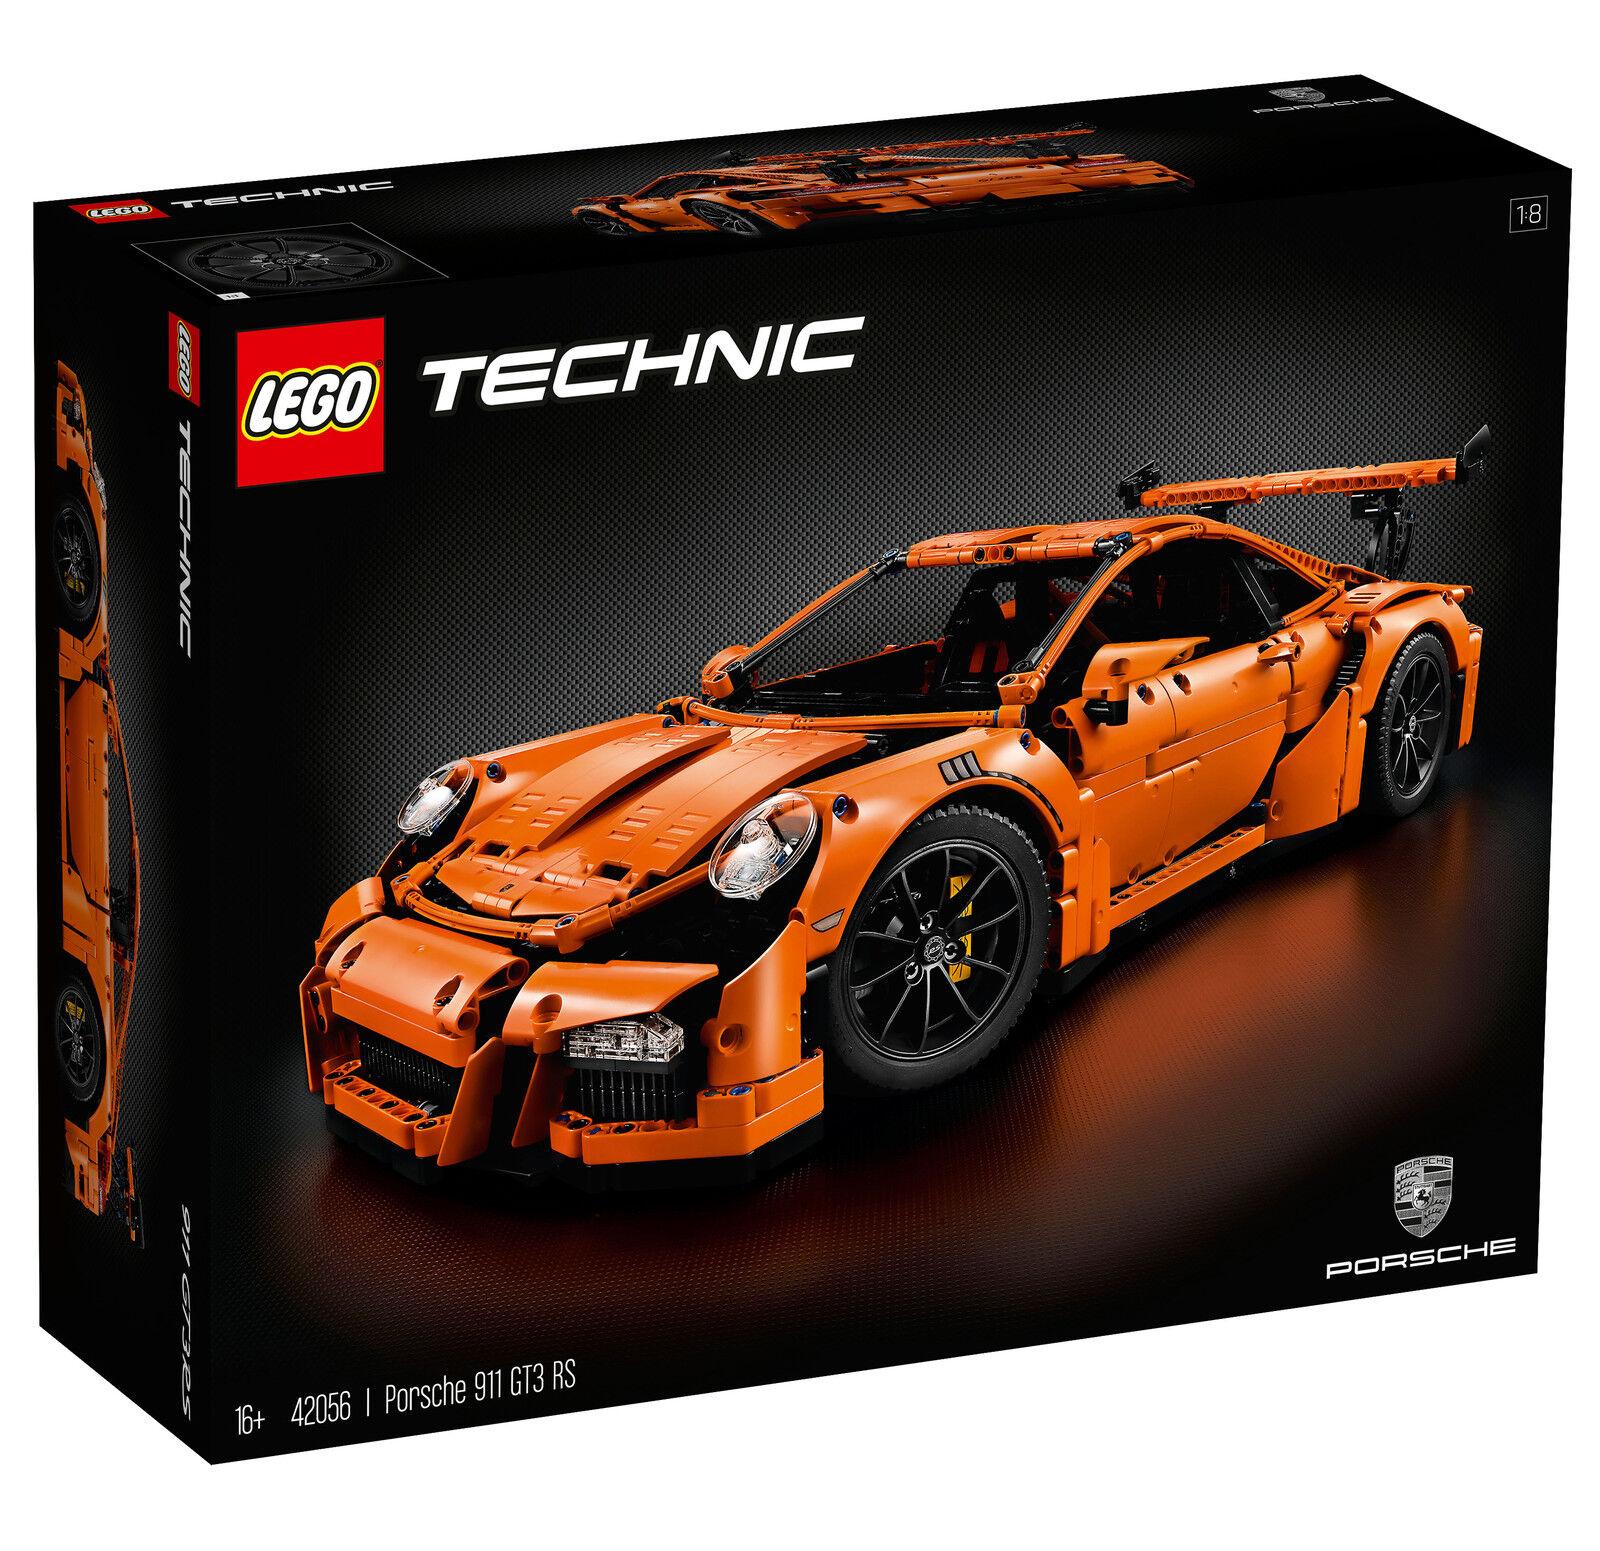 Neues lego technic - porsche 911 gt3 rs (42056) versiegelt, 100% authentische